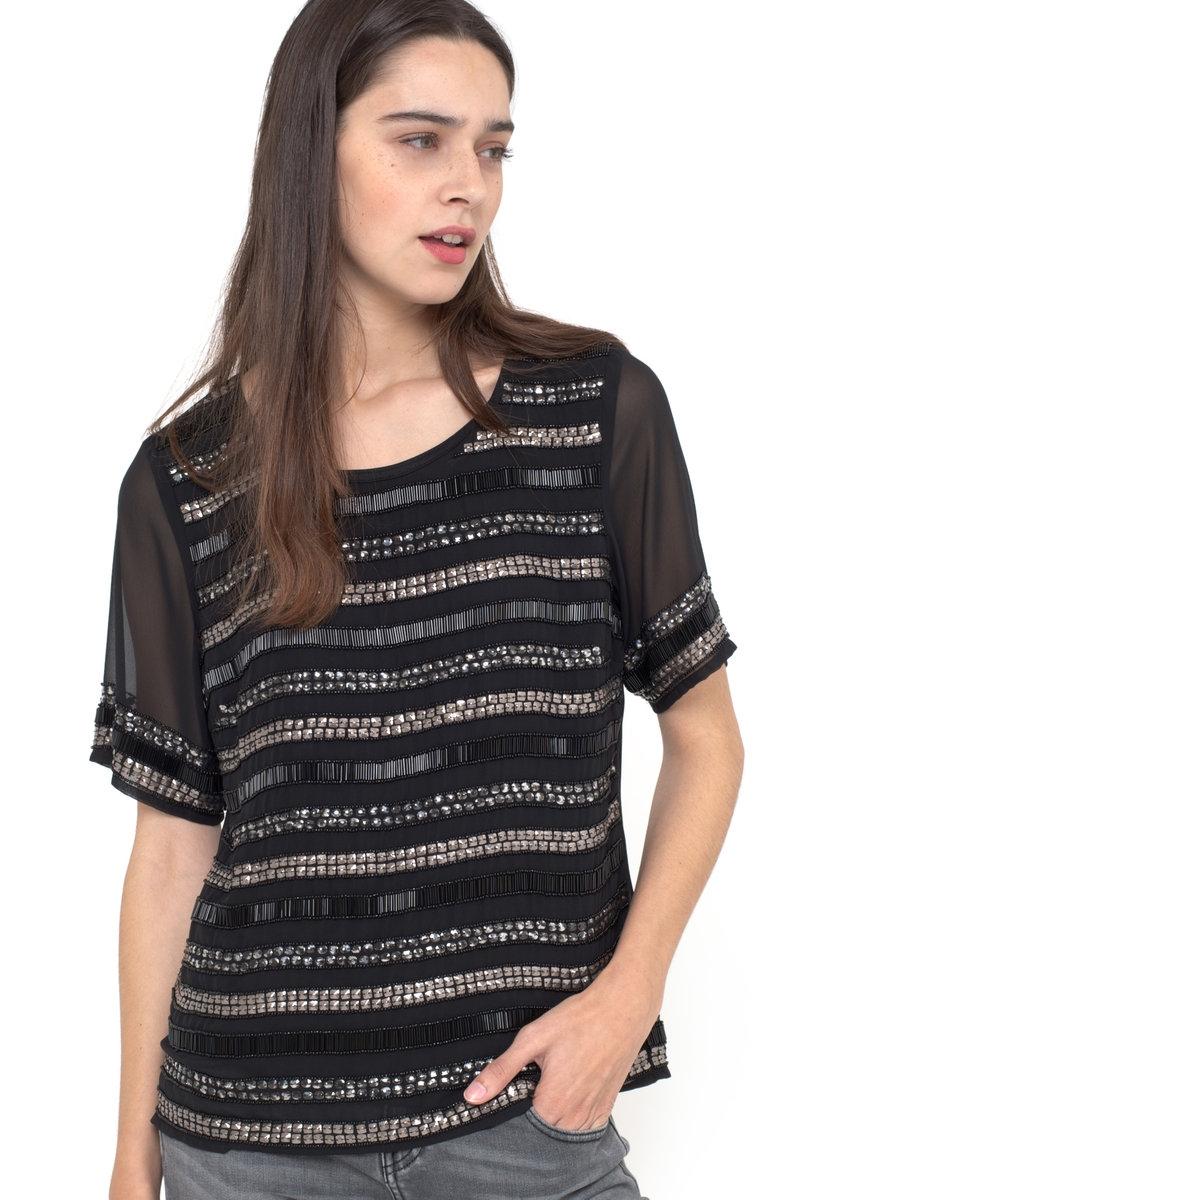 Блузка с короткими рукавамиБлузка с короткими рукавами - VILA. Блузка прямого покроя, оригинальные узоры бисером и стразами спереди и на рукавах. Подкладка из вуали. Круглый вырез. 100% полиэстера.<br><br>Цвет: черный<br>Размер: XS